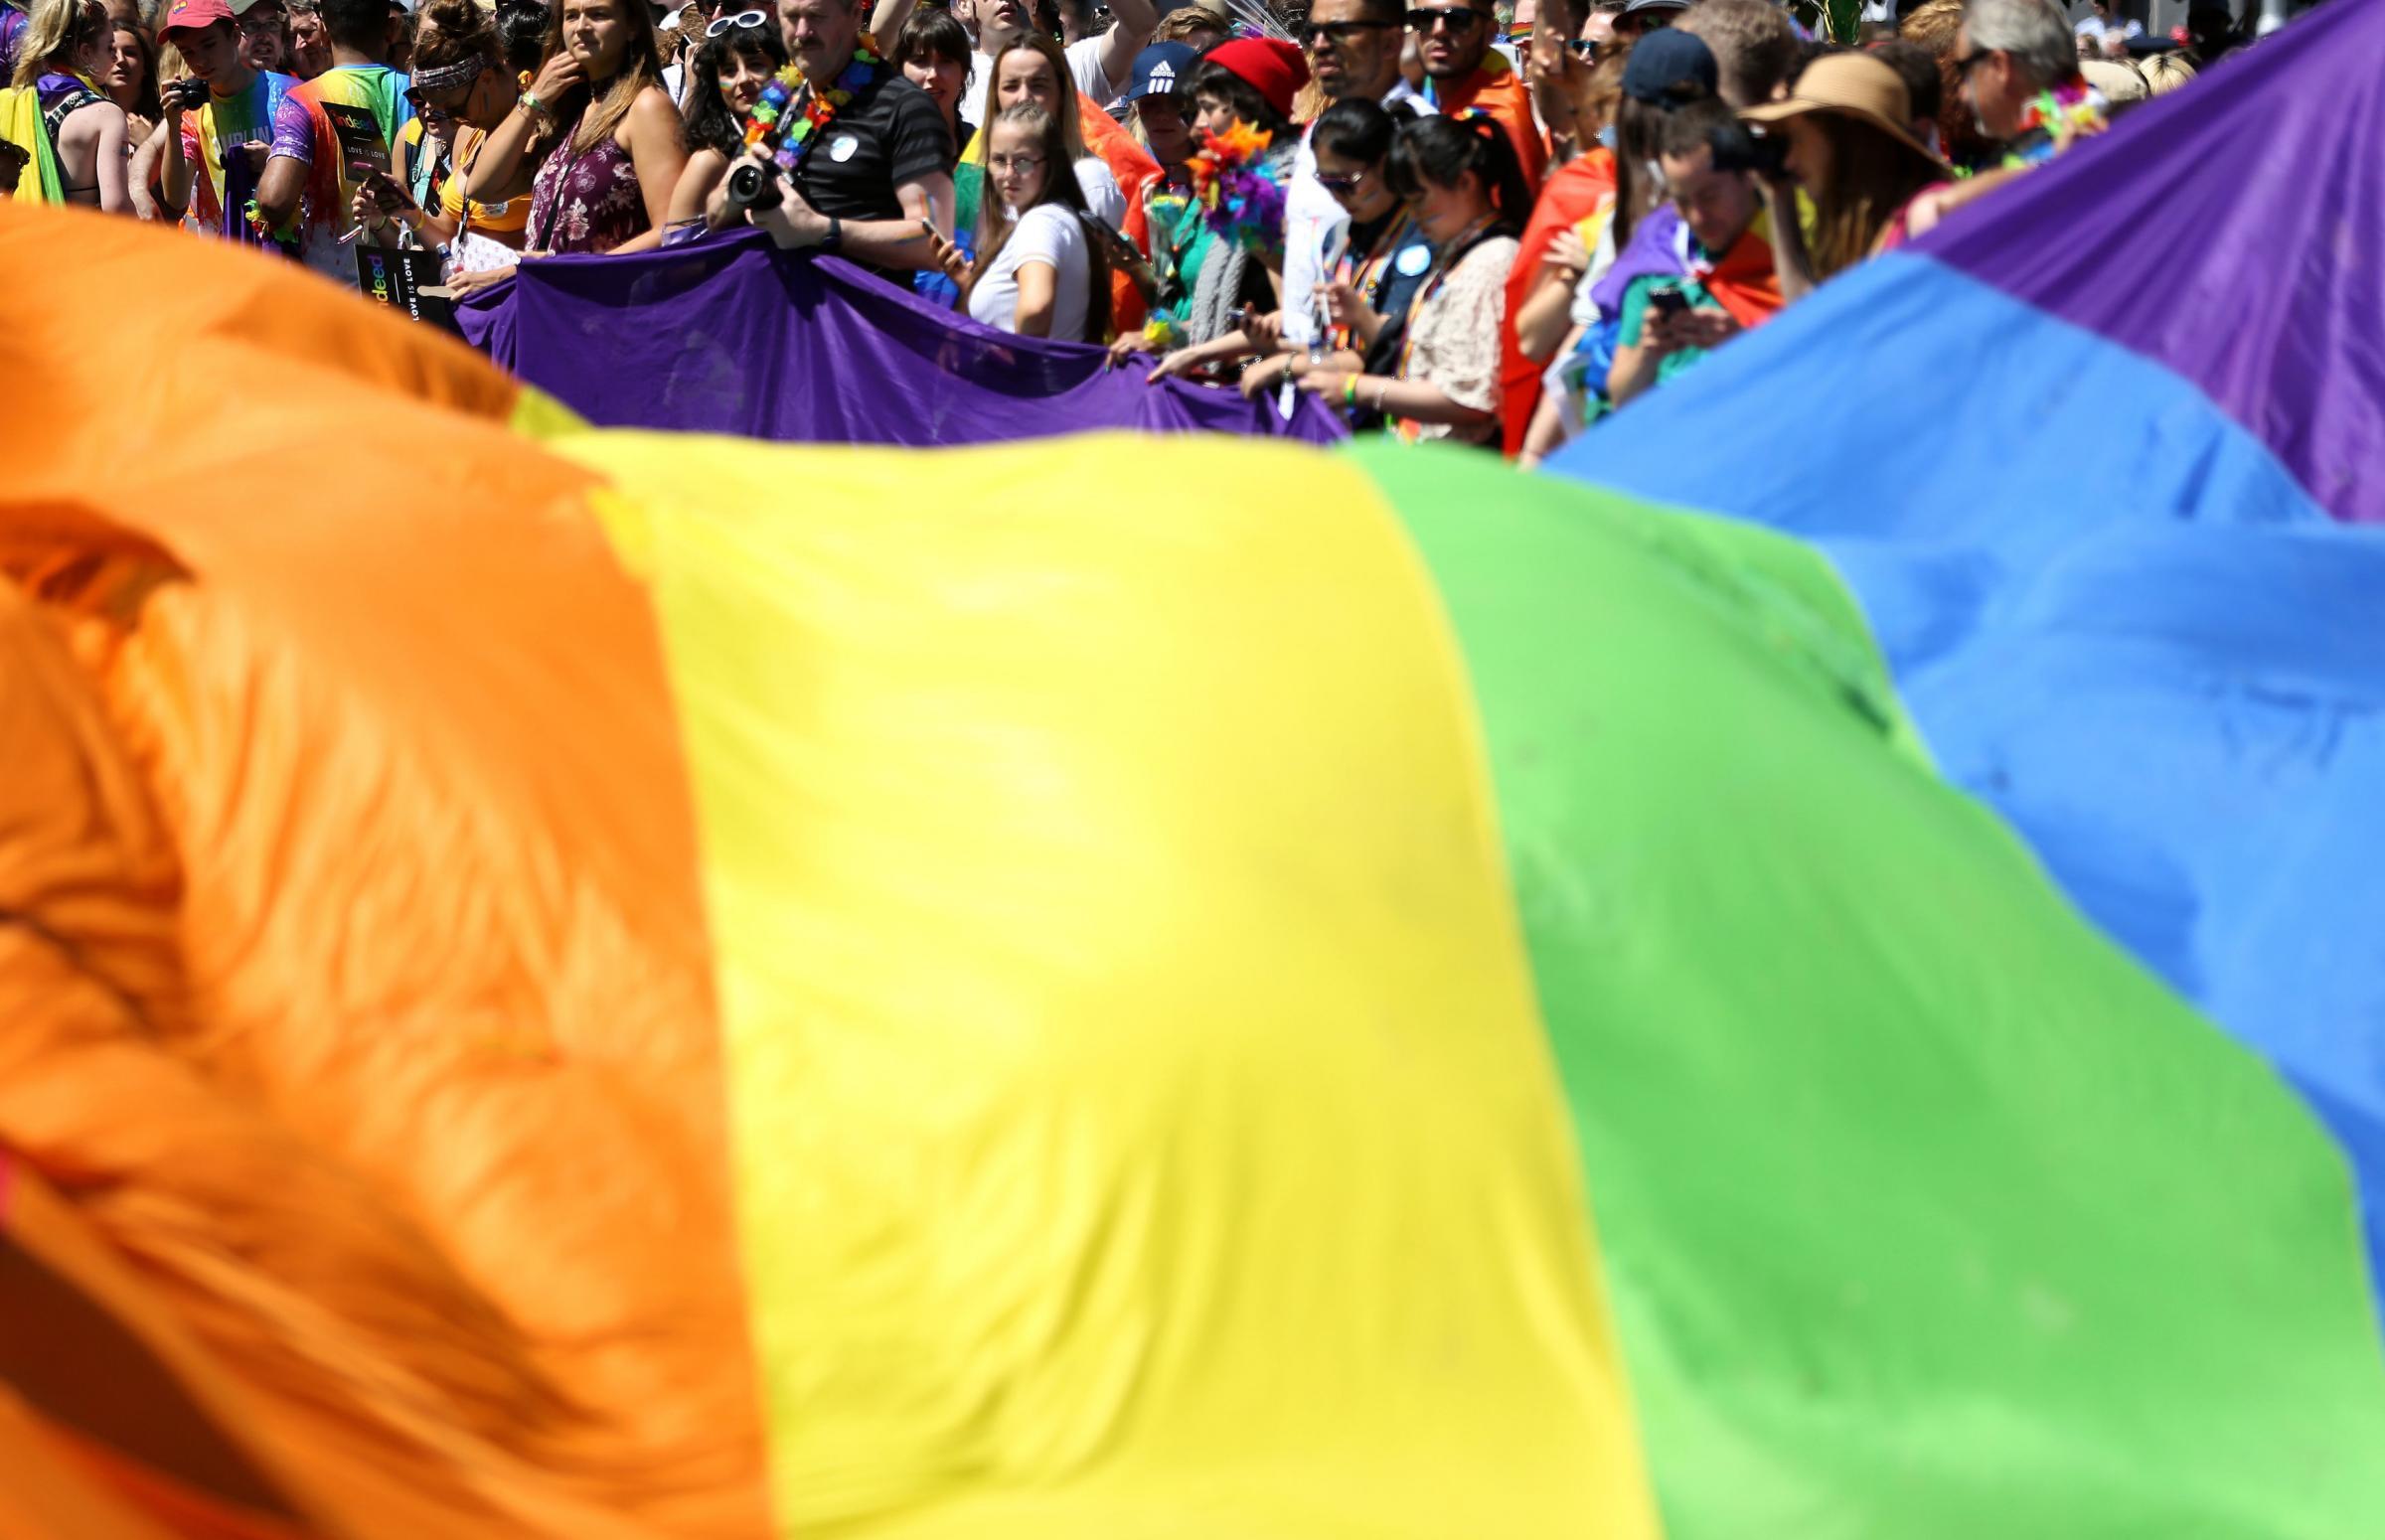 韦茅斯将于2019年举办一场Pride活动